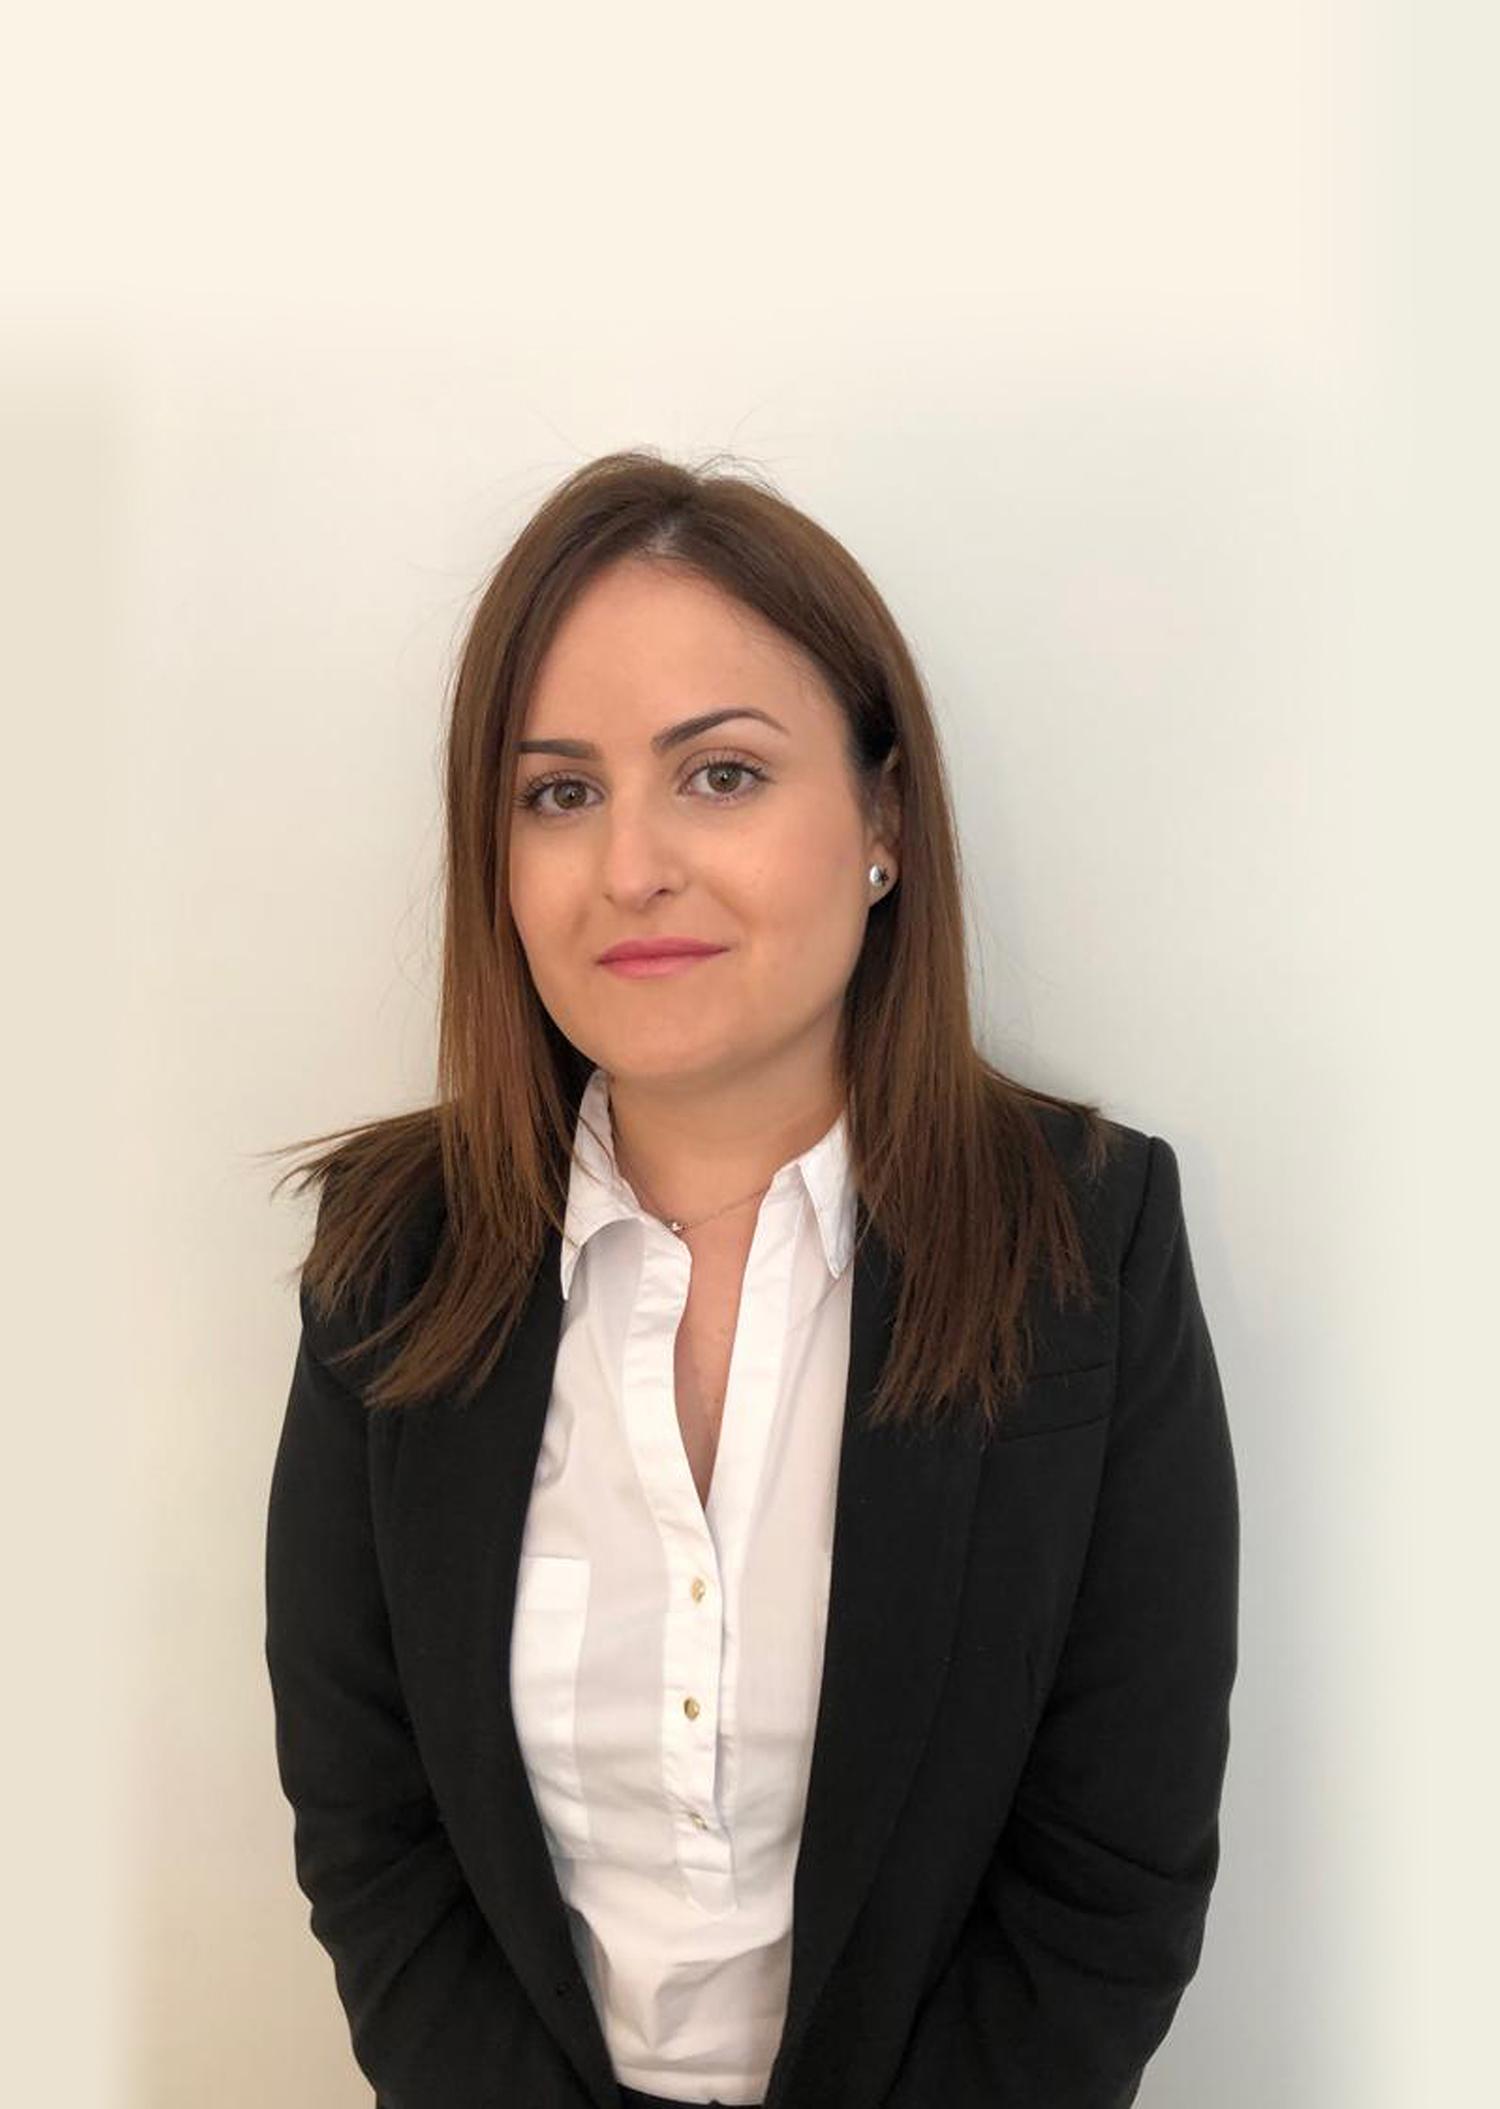 Sonia MONSALVEZ SANCHEZ